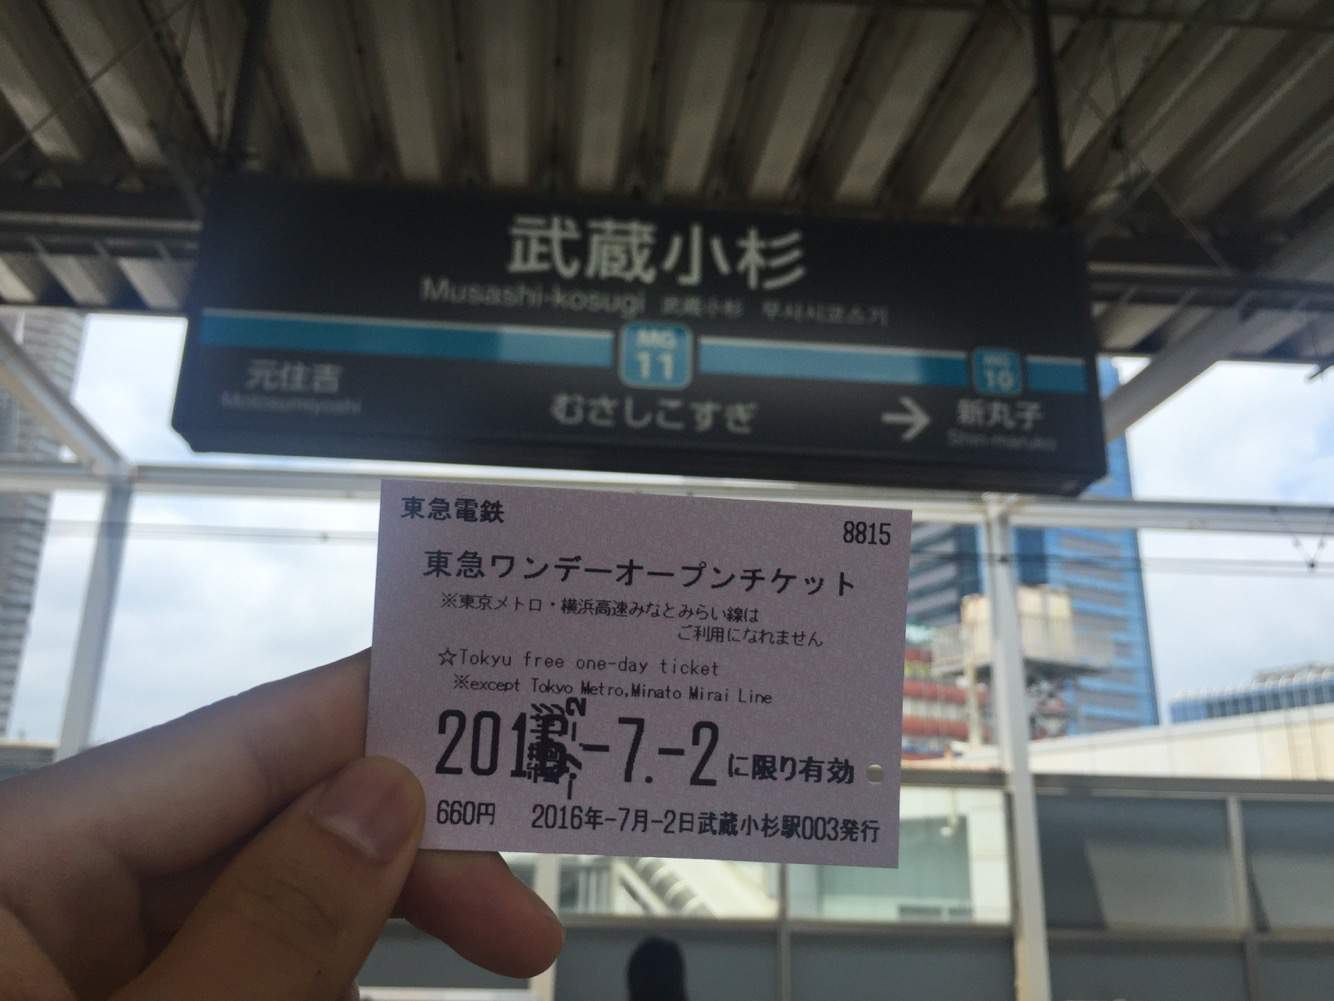 「東急ワンデーオープンチケット」を使って東京・城南地区地理勉強の旅!タクシーの営業に活かすぞ♪